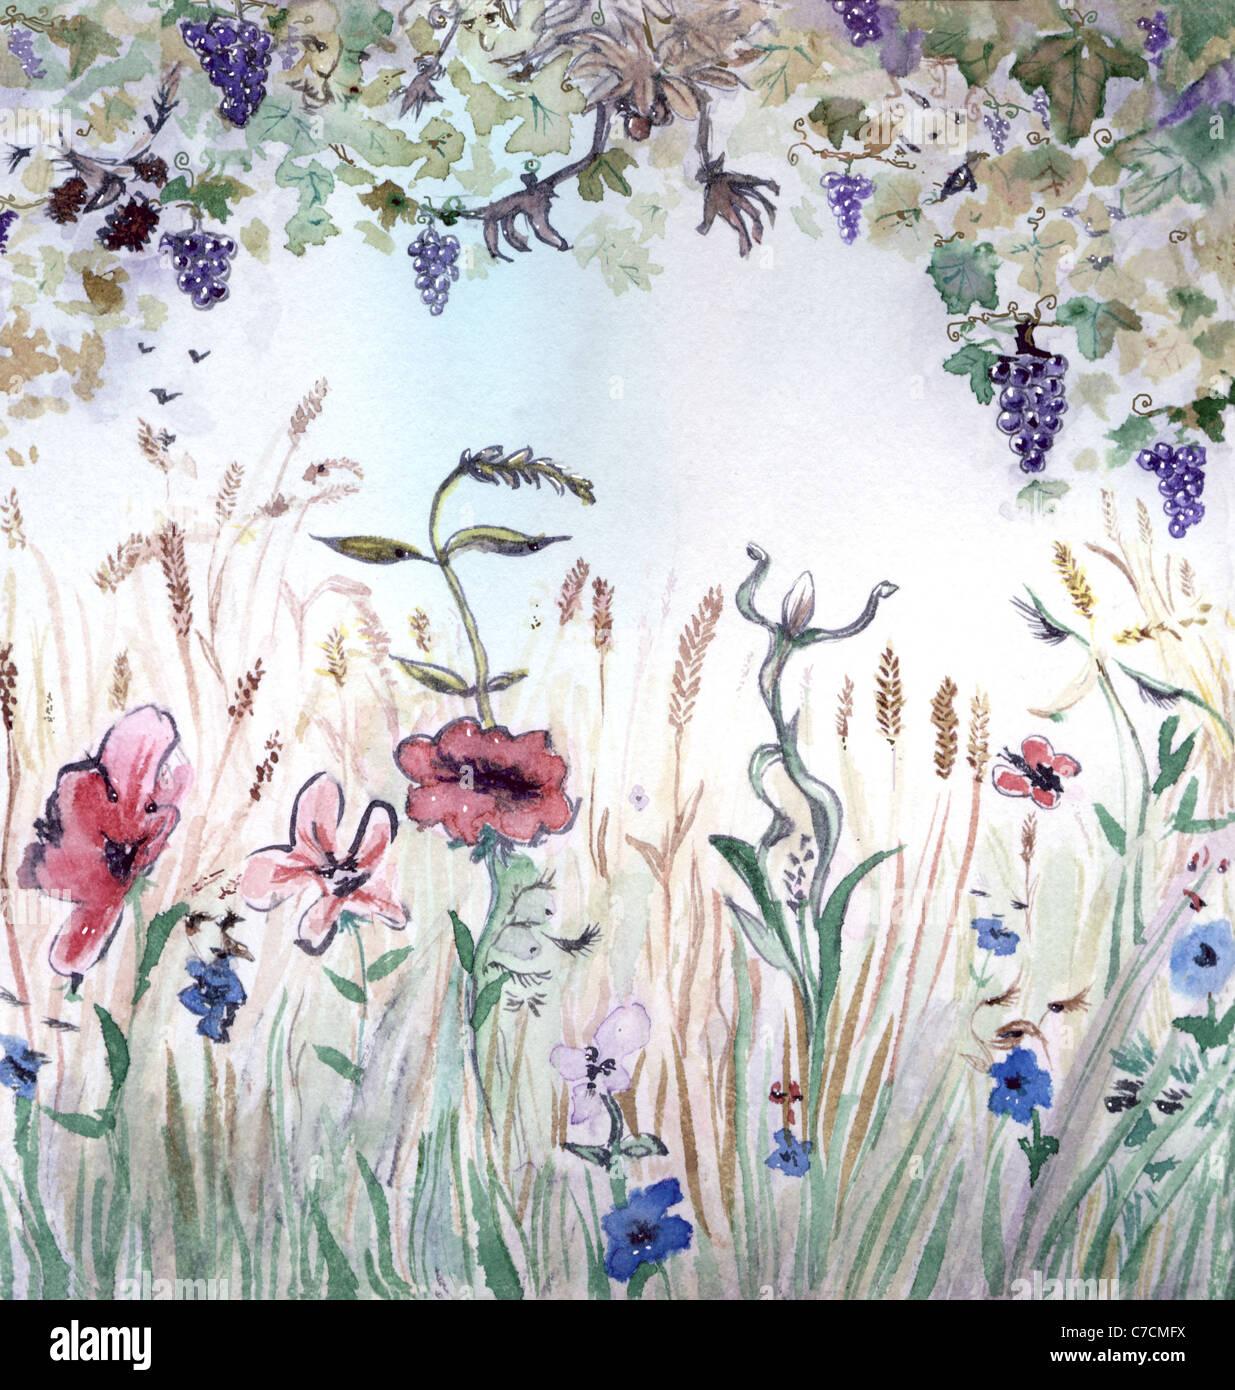 Queda temporada alegoria, aquarela ilustração Imagens de Stock